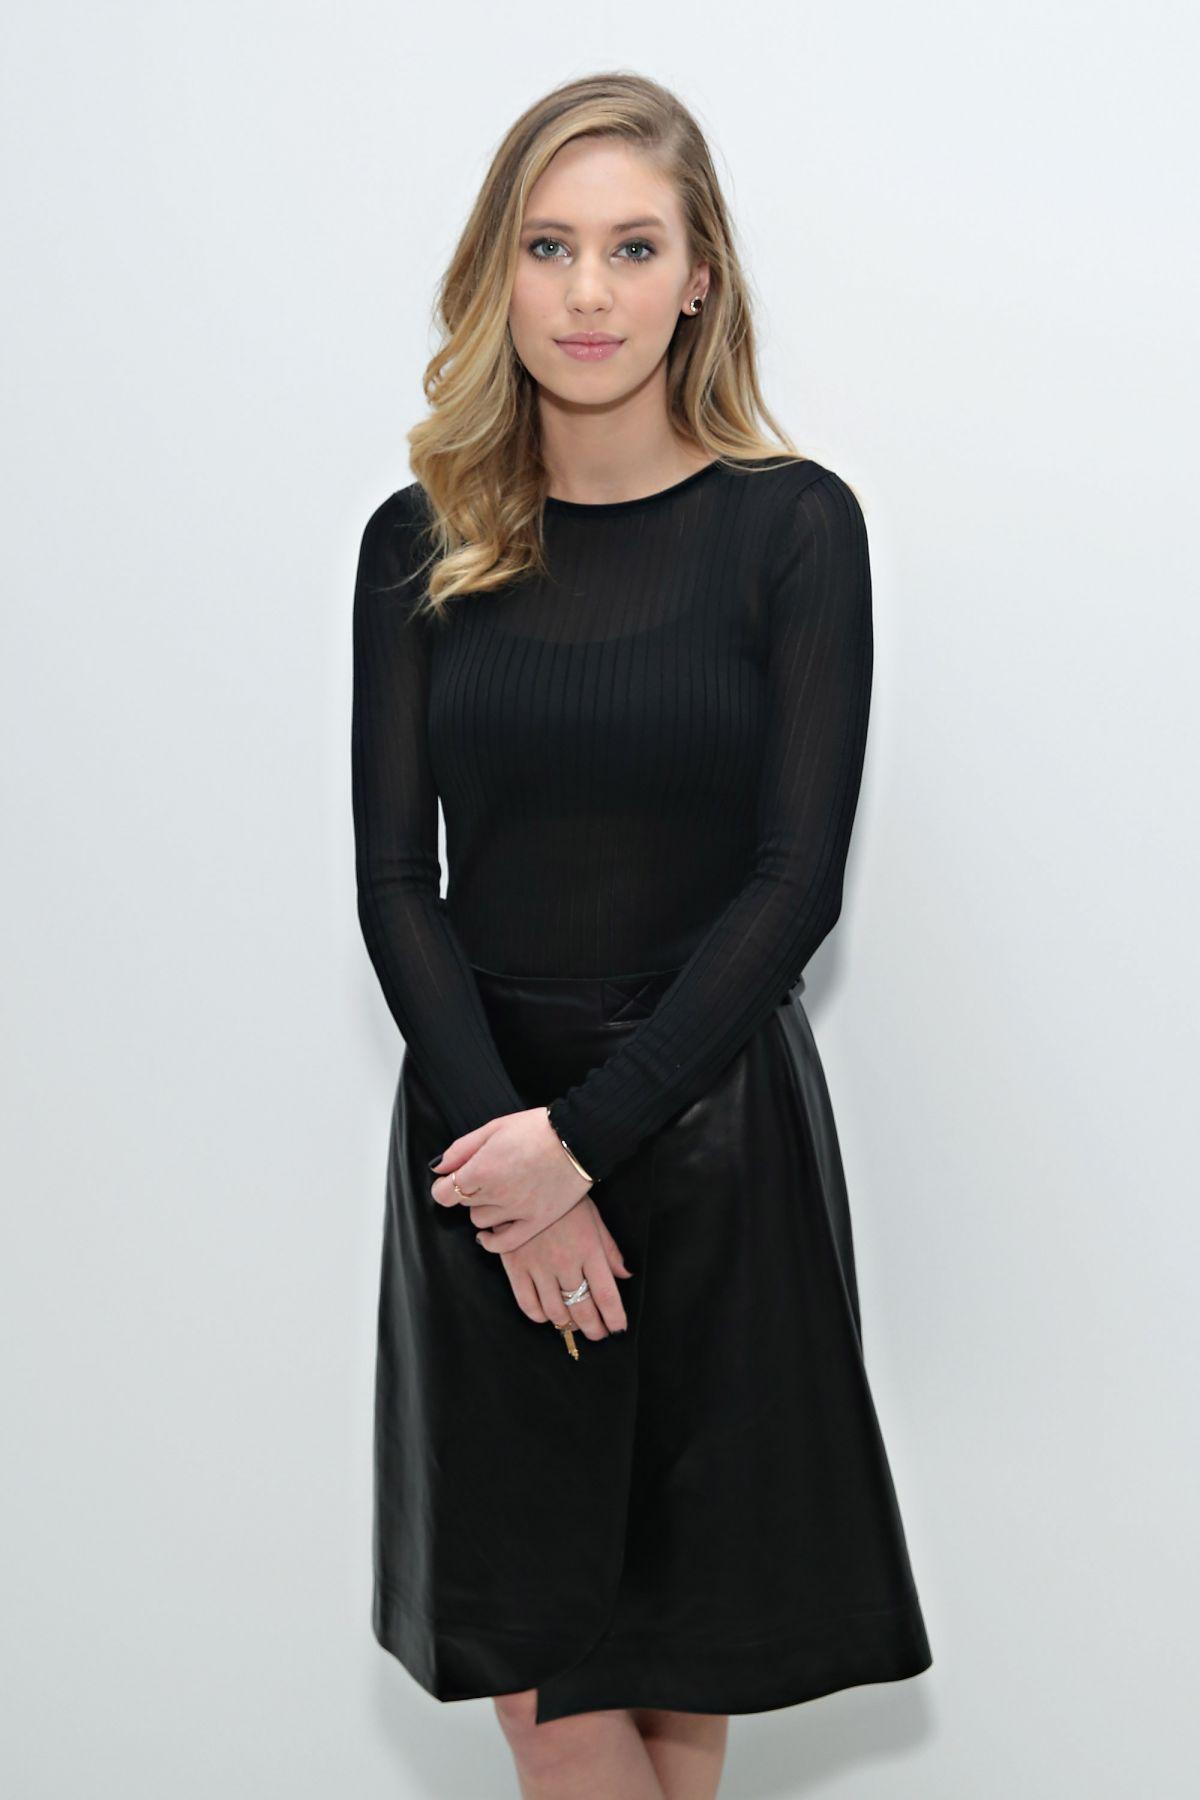 DYLAN PENN at Jill Stuart Fashion Show in New York